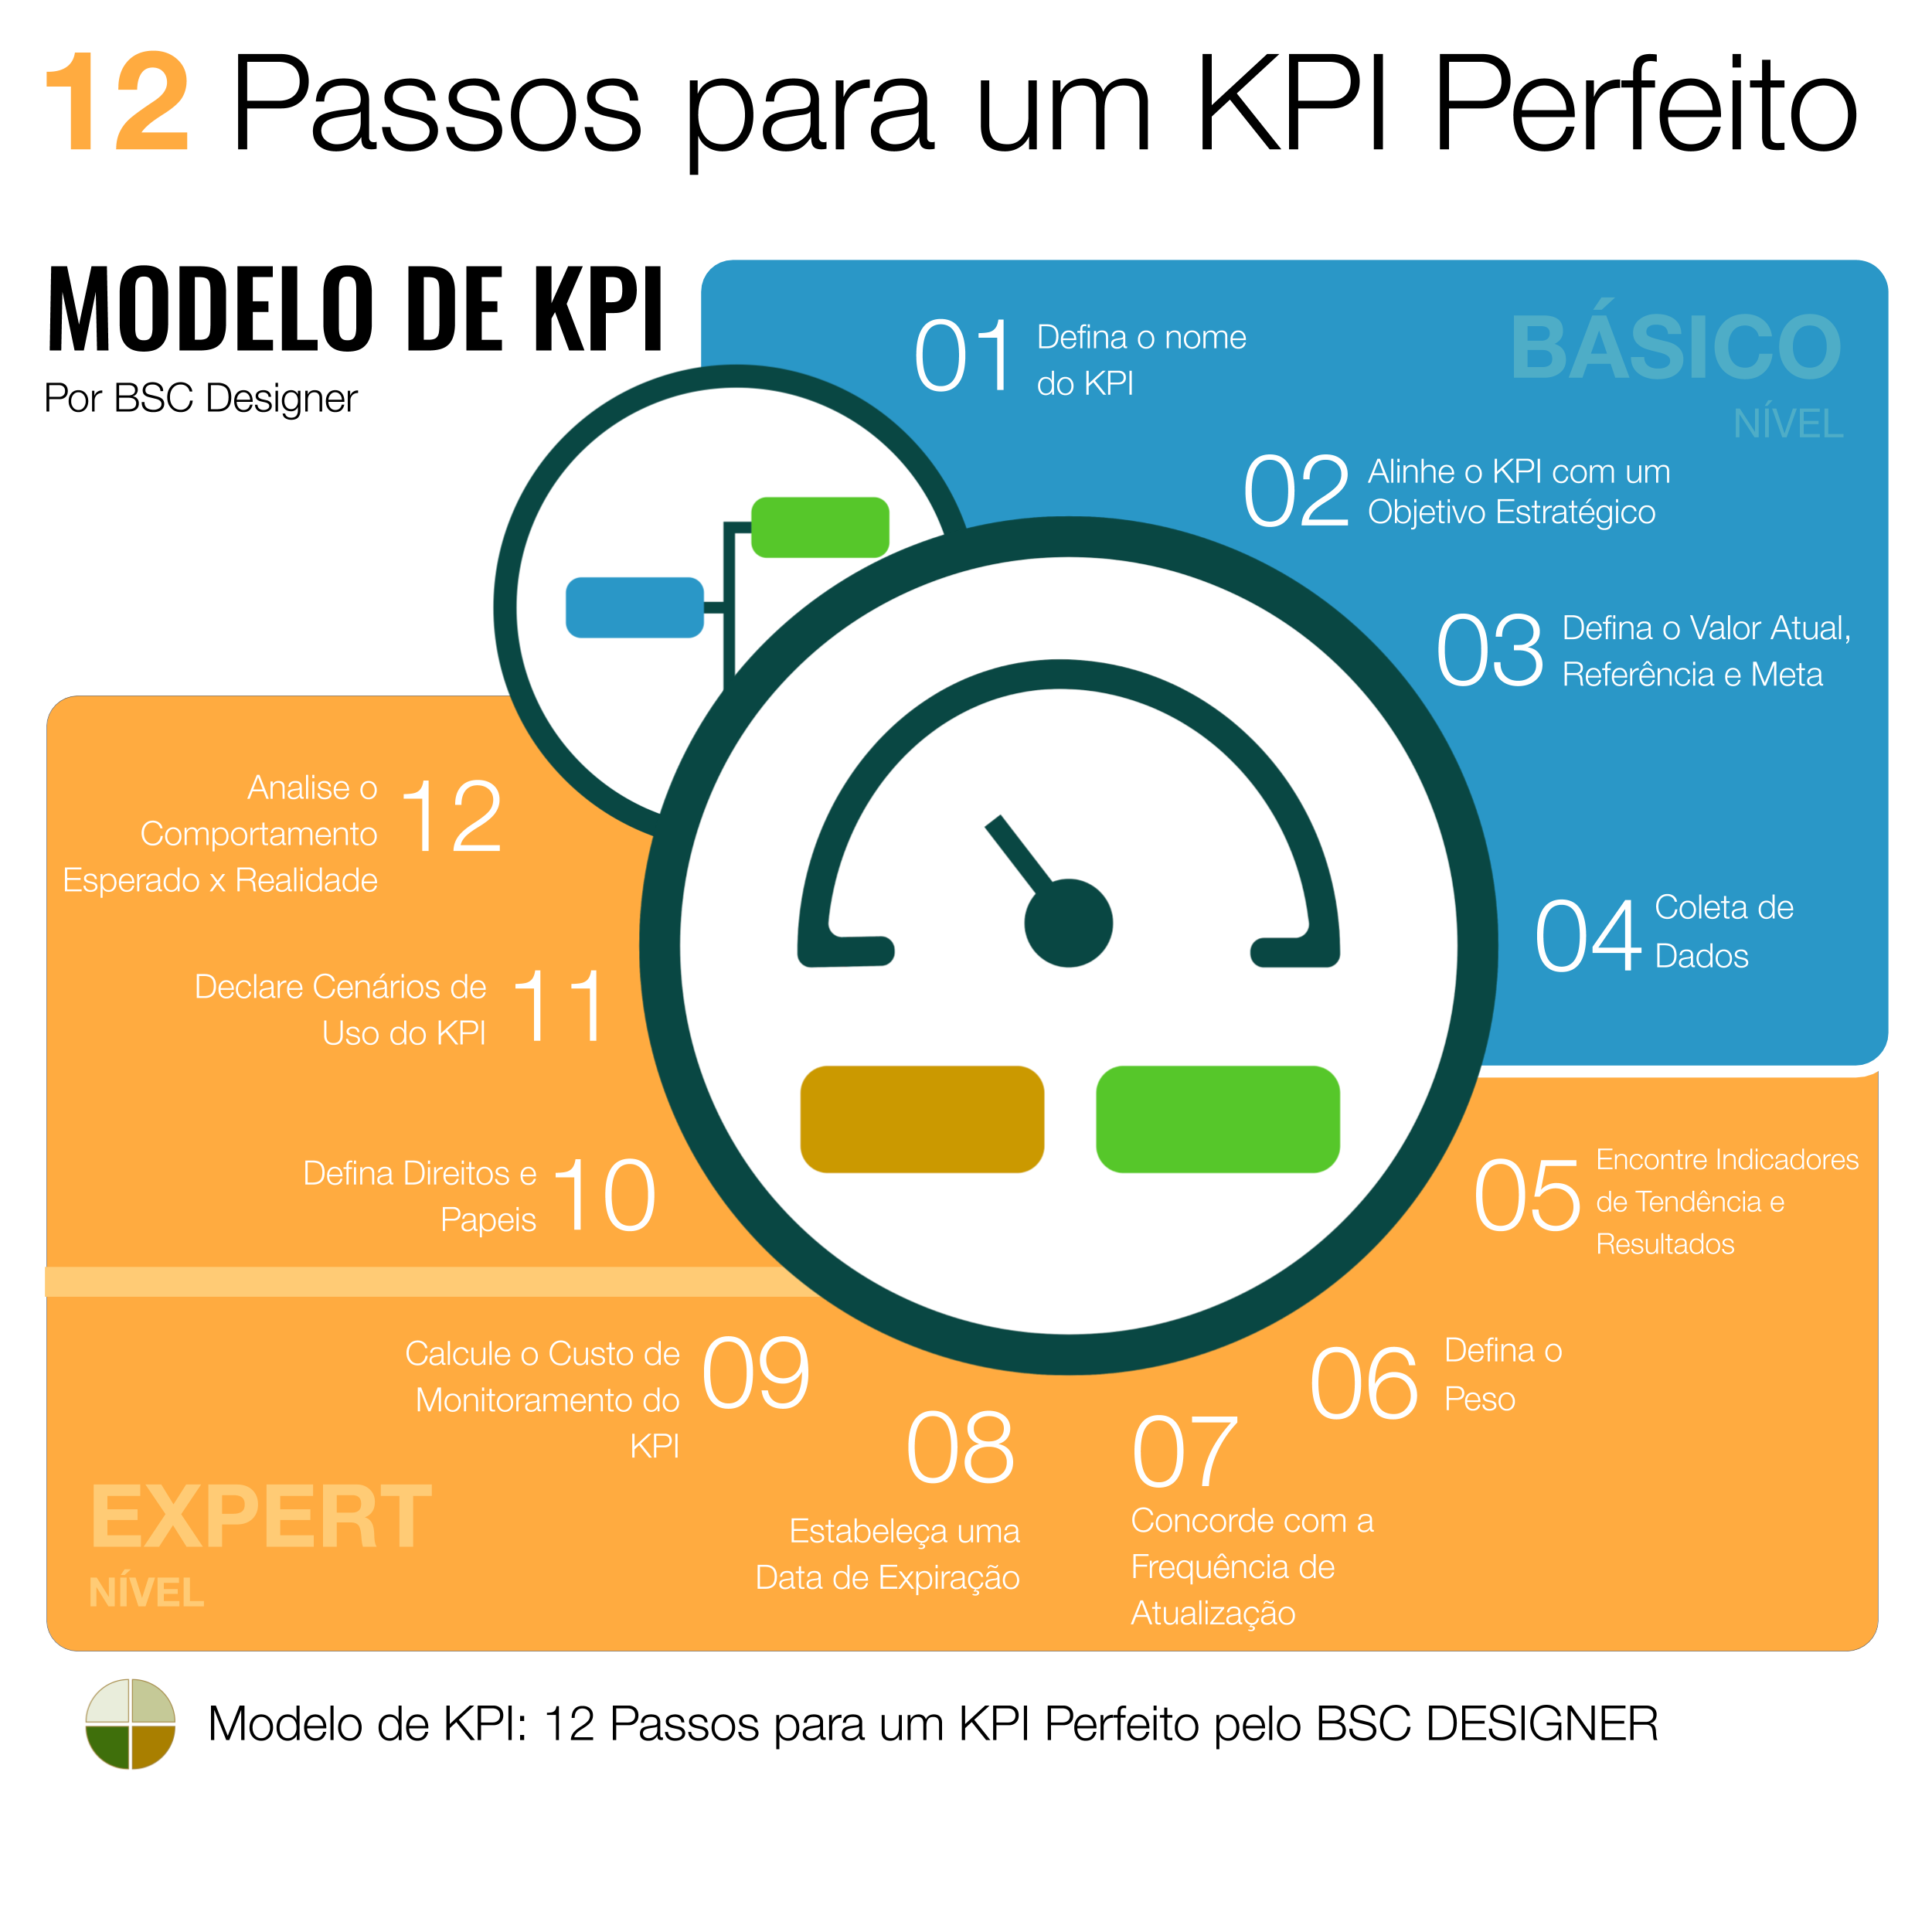 Modelo de KPI: 12 etapas para um KPI perfeito